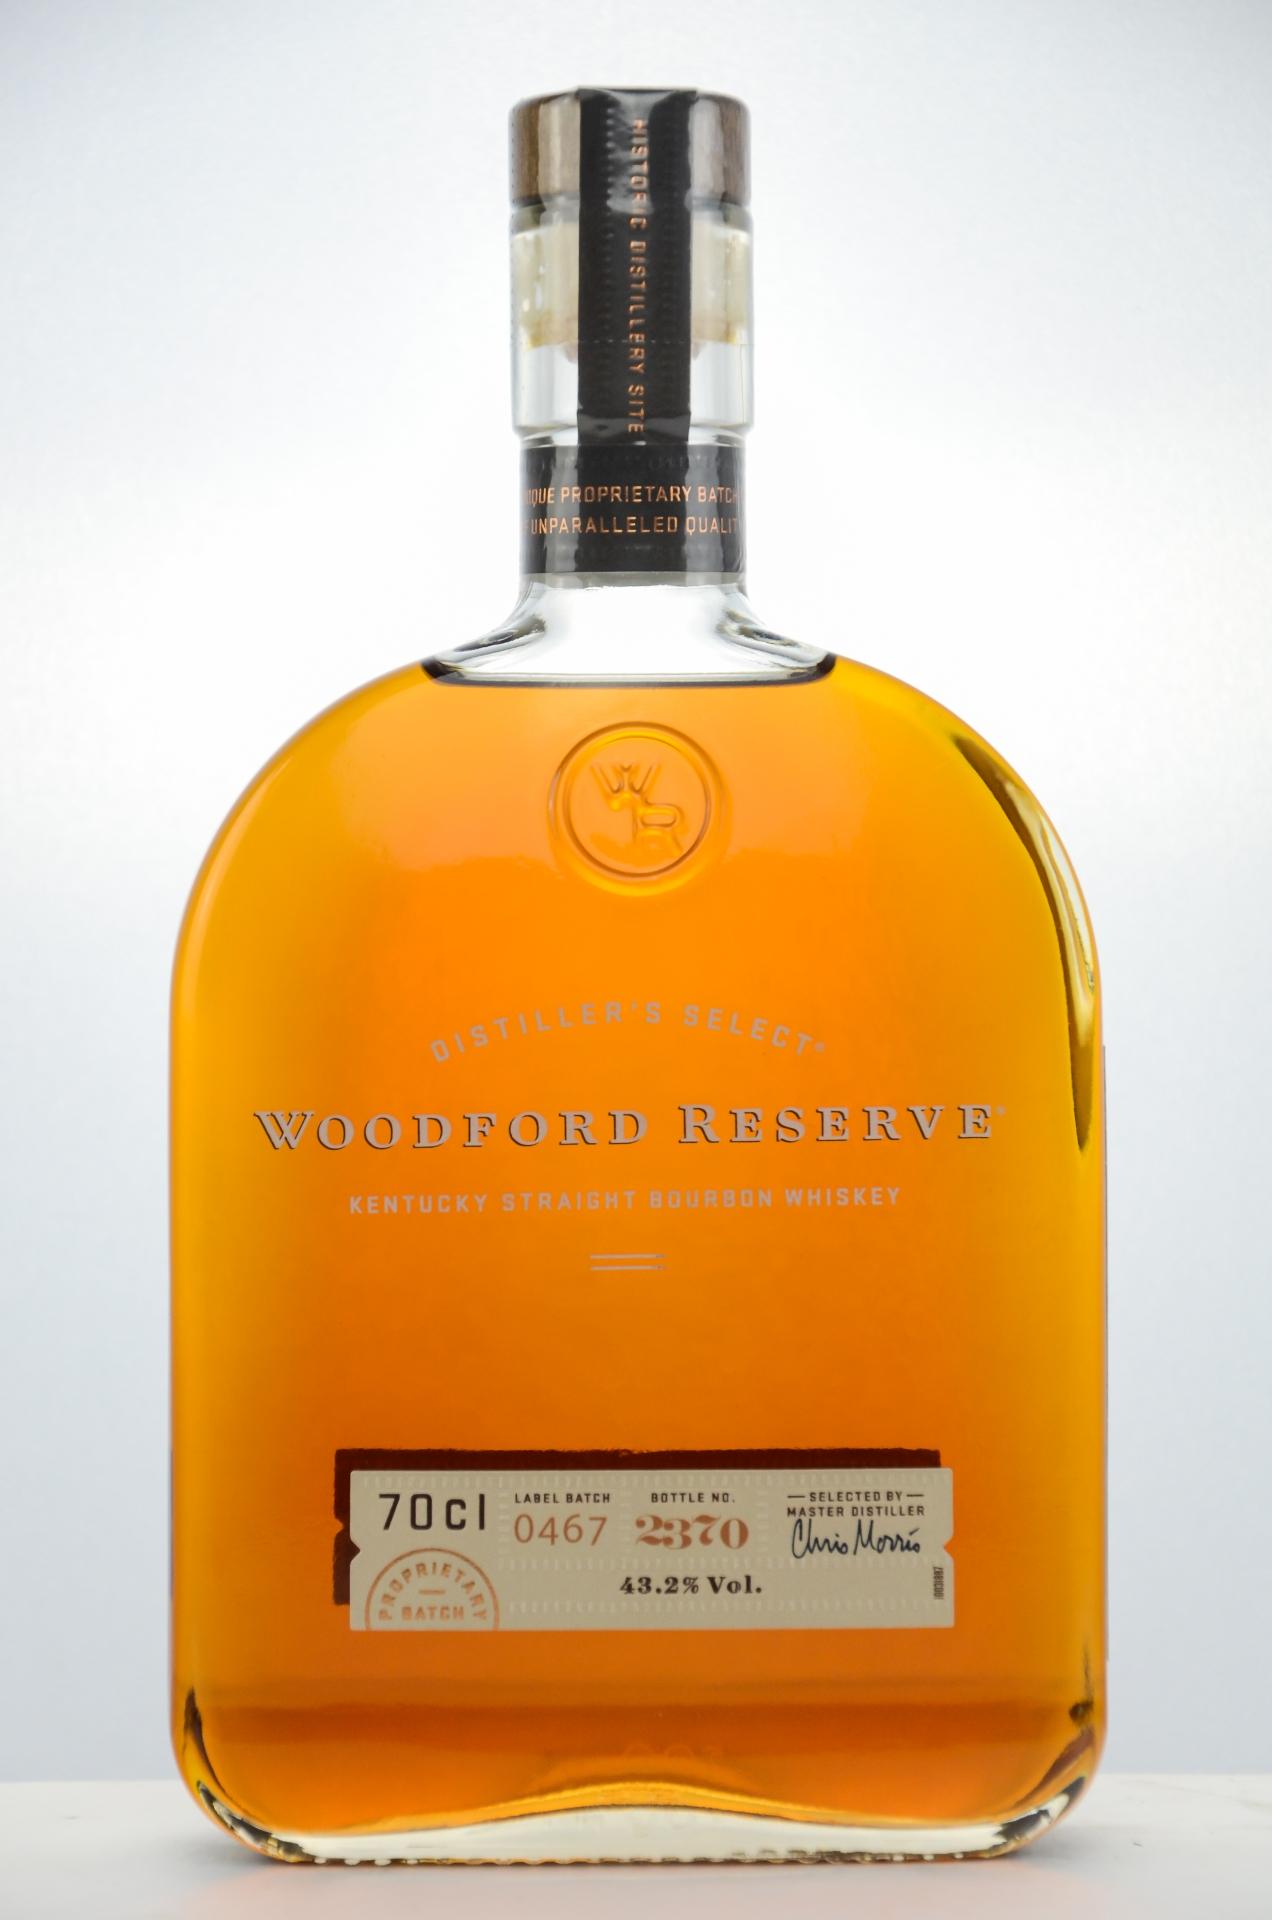 Woodford Reserve Destillers Select